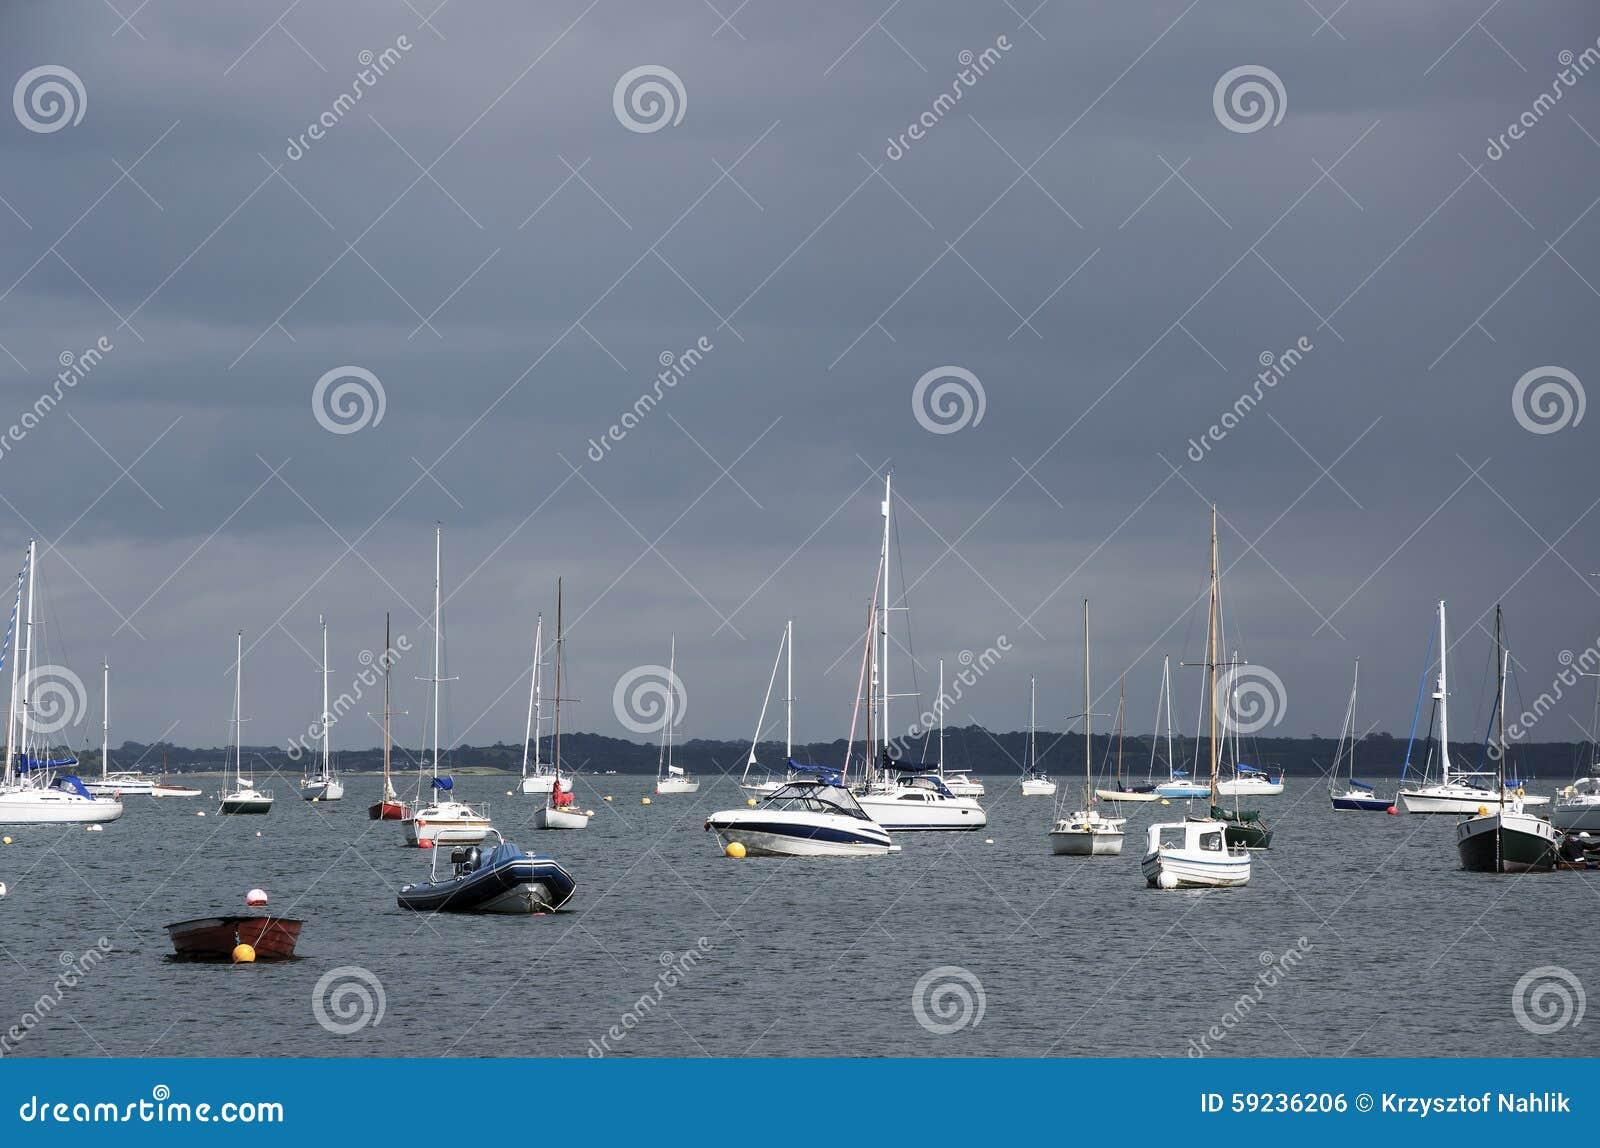 Download Yates antes de la tormenta foto de archivo. Imagen de europa - 59236206